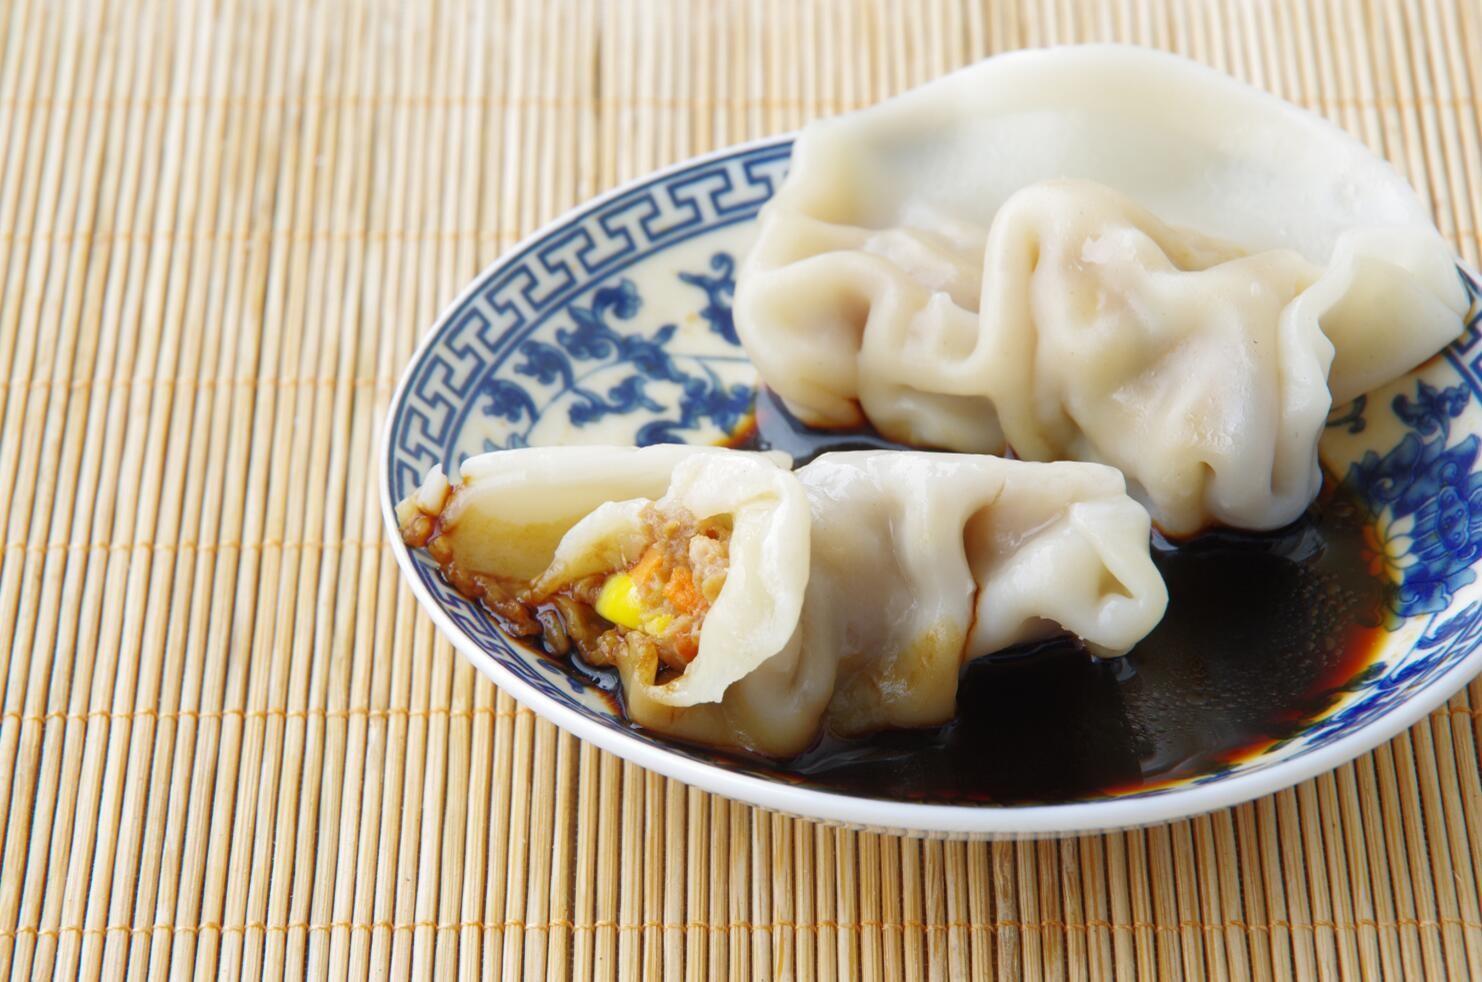 饺子的发明首先是用来治病的Io.jpg